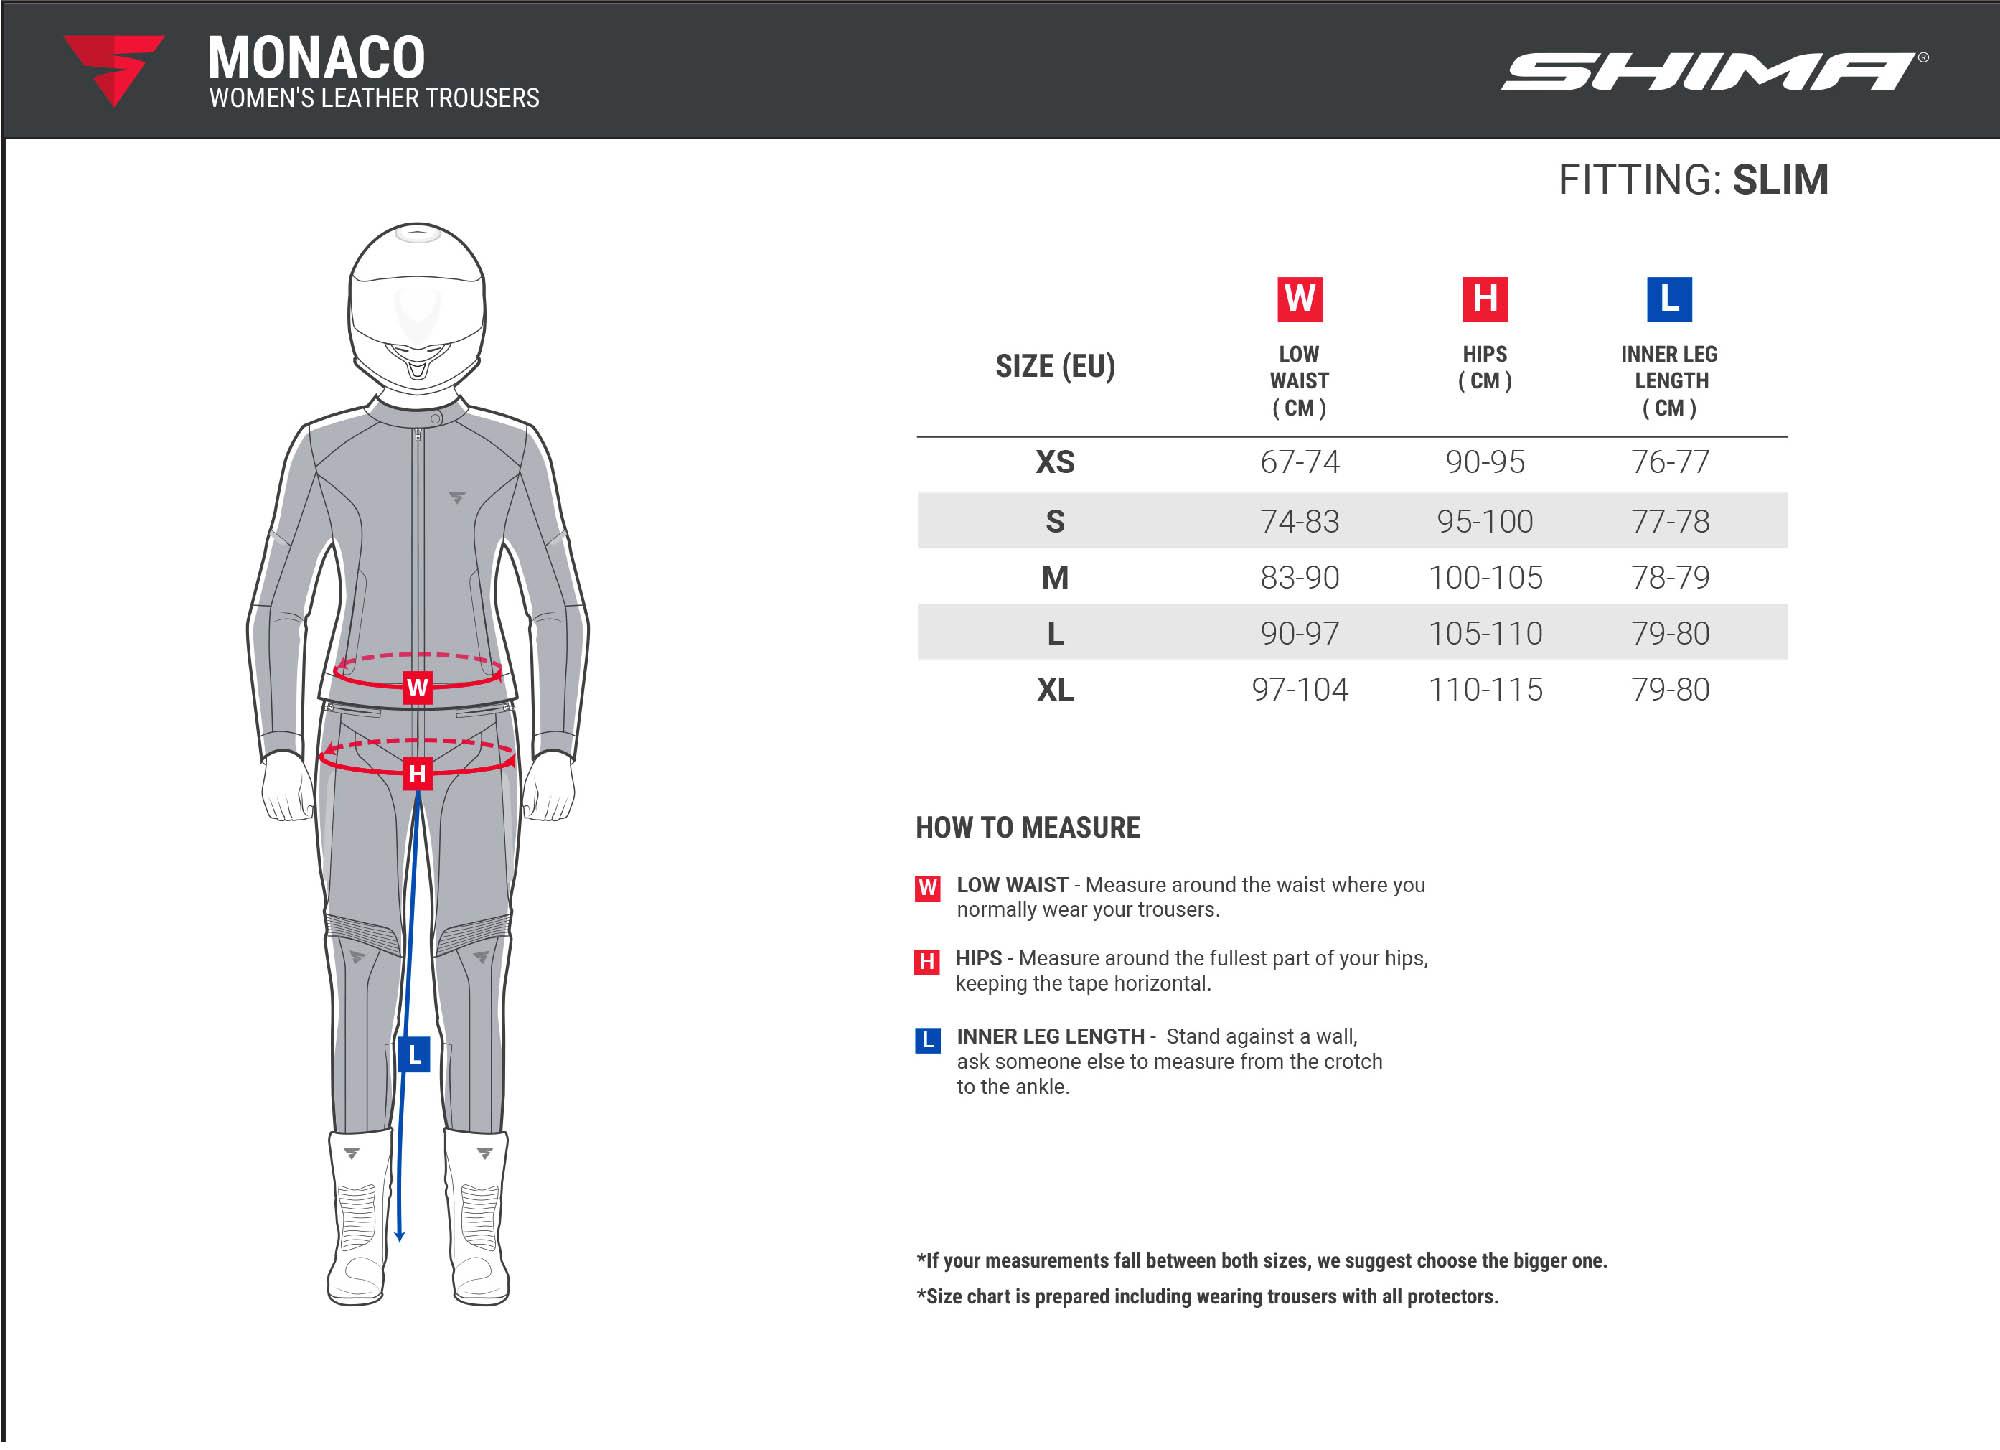 Мотоциклетные штаны SHIMA MONACO из кожи для мотоледи